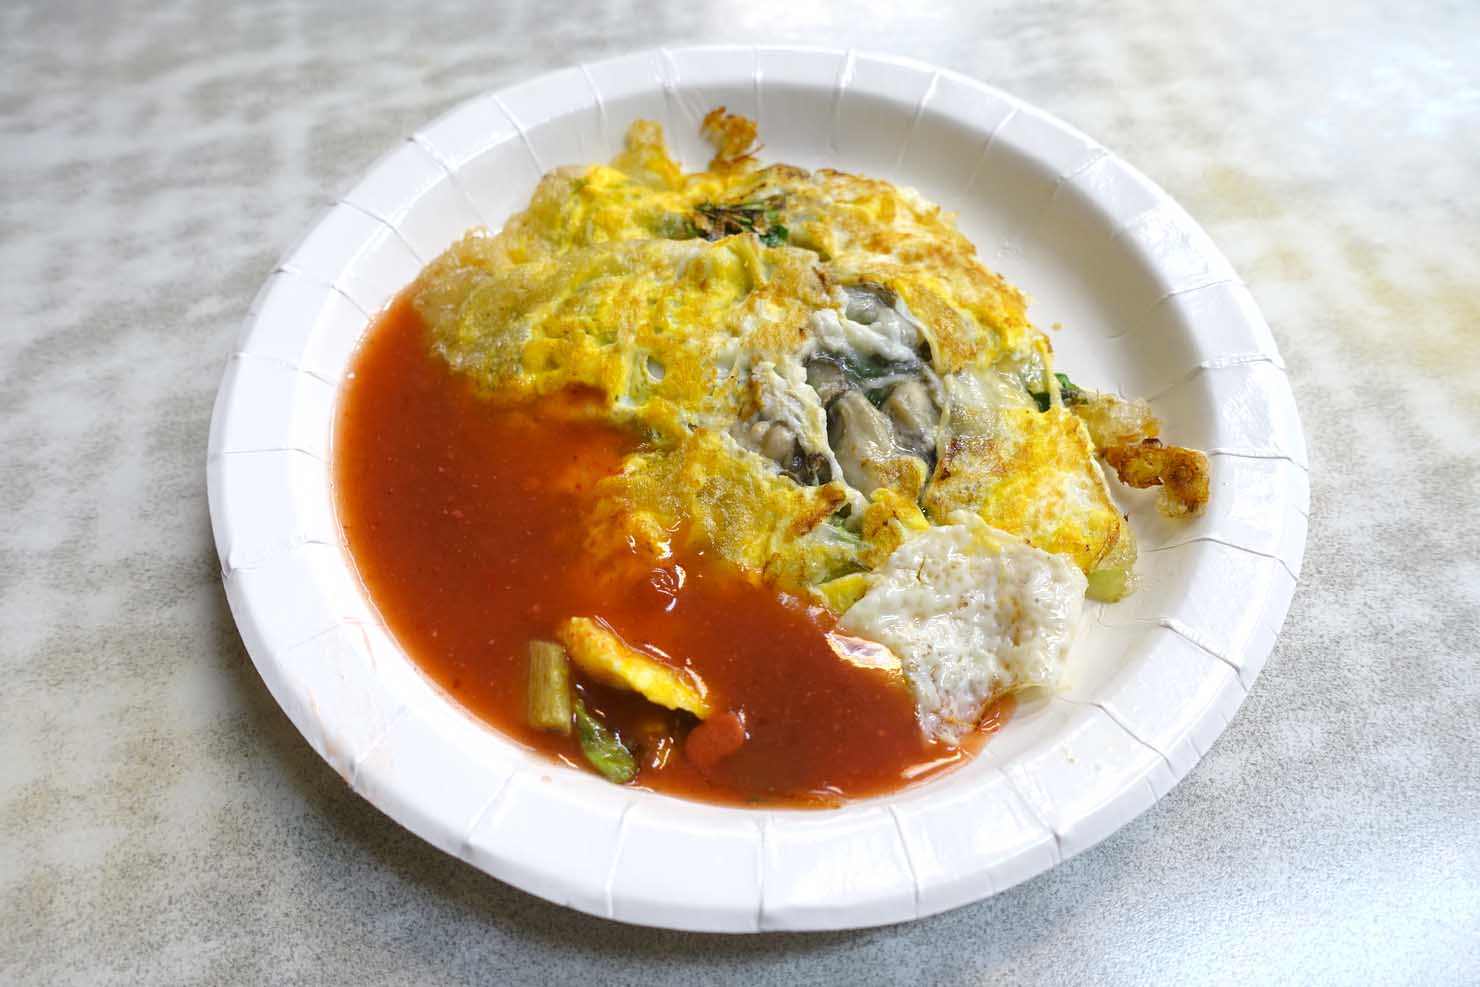 台北・士林夜市のおすすめグルメ店「上等十全排骨」の蚵仔煎(牡蠣オムレツ)